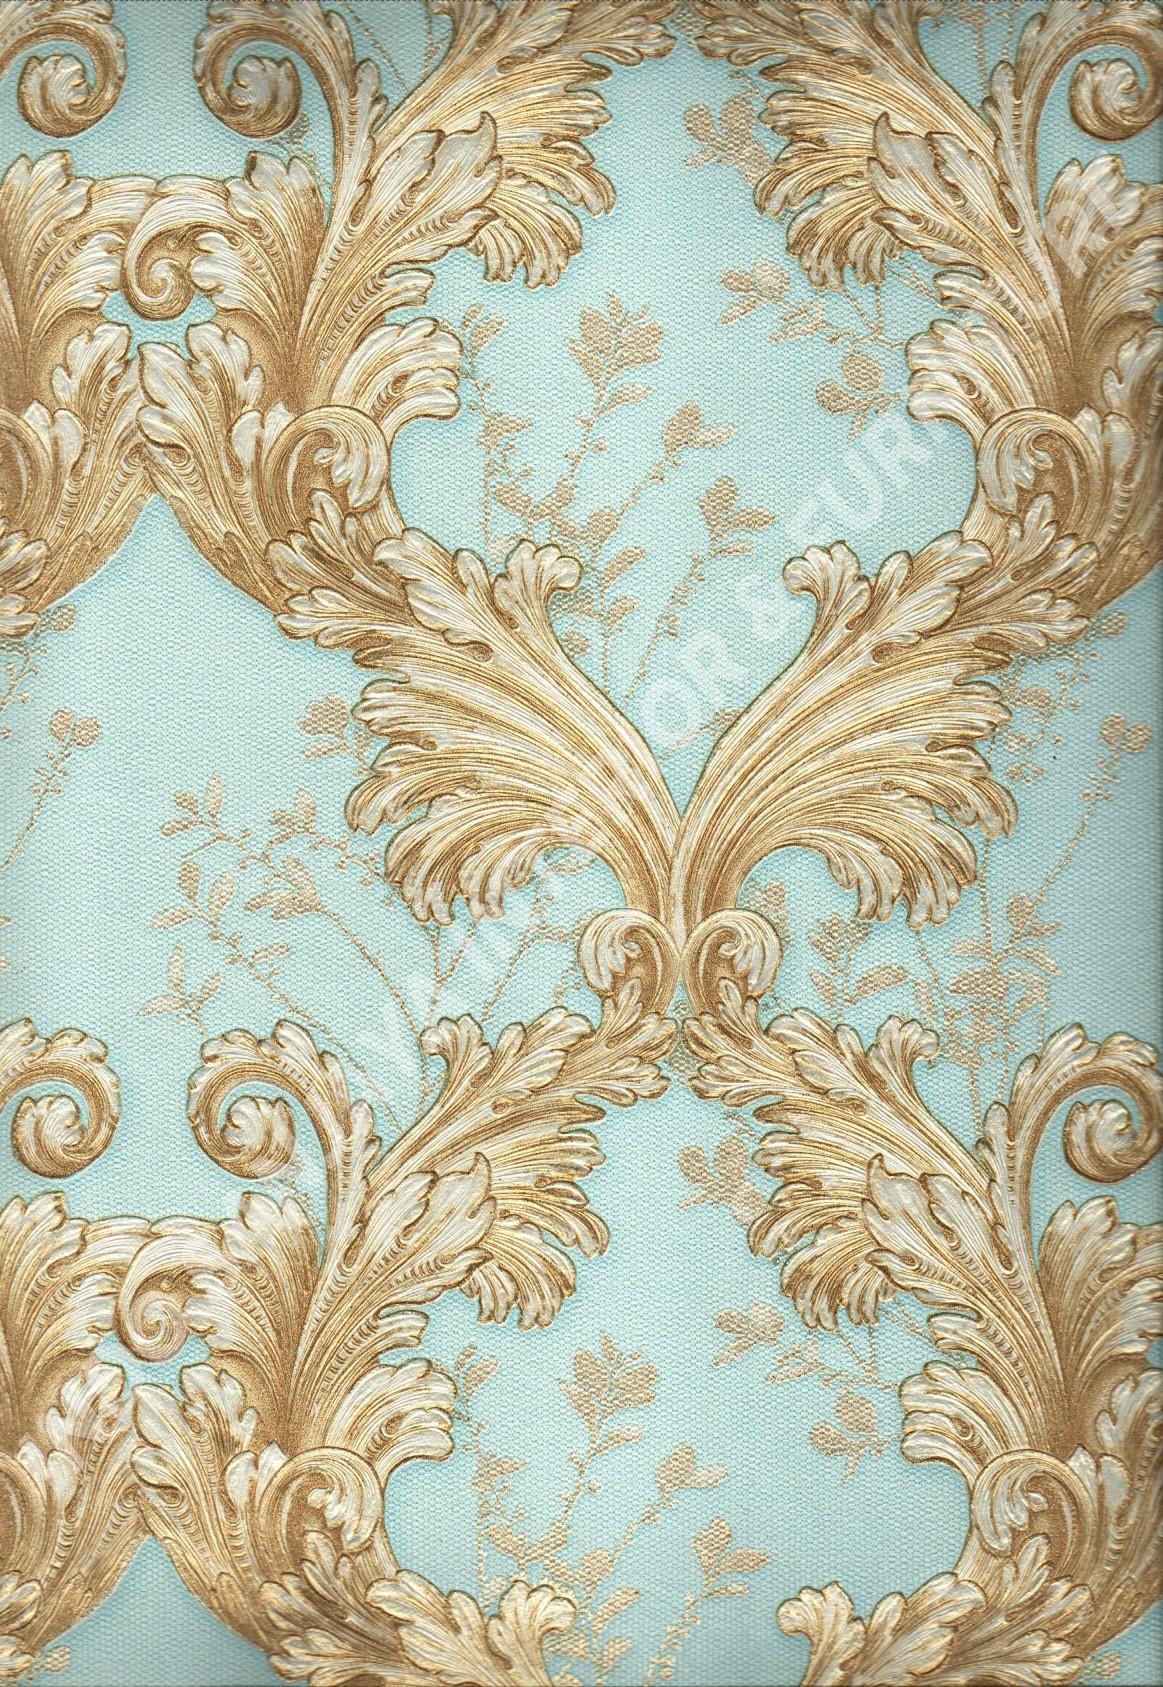 wallpaper   Wallpaper Klasik Batik (Damask) 87024:87024 corak  warna